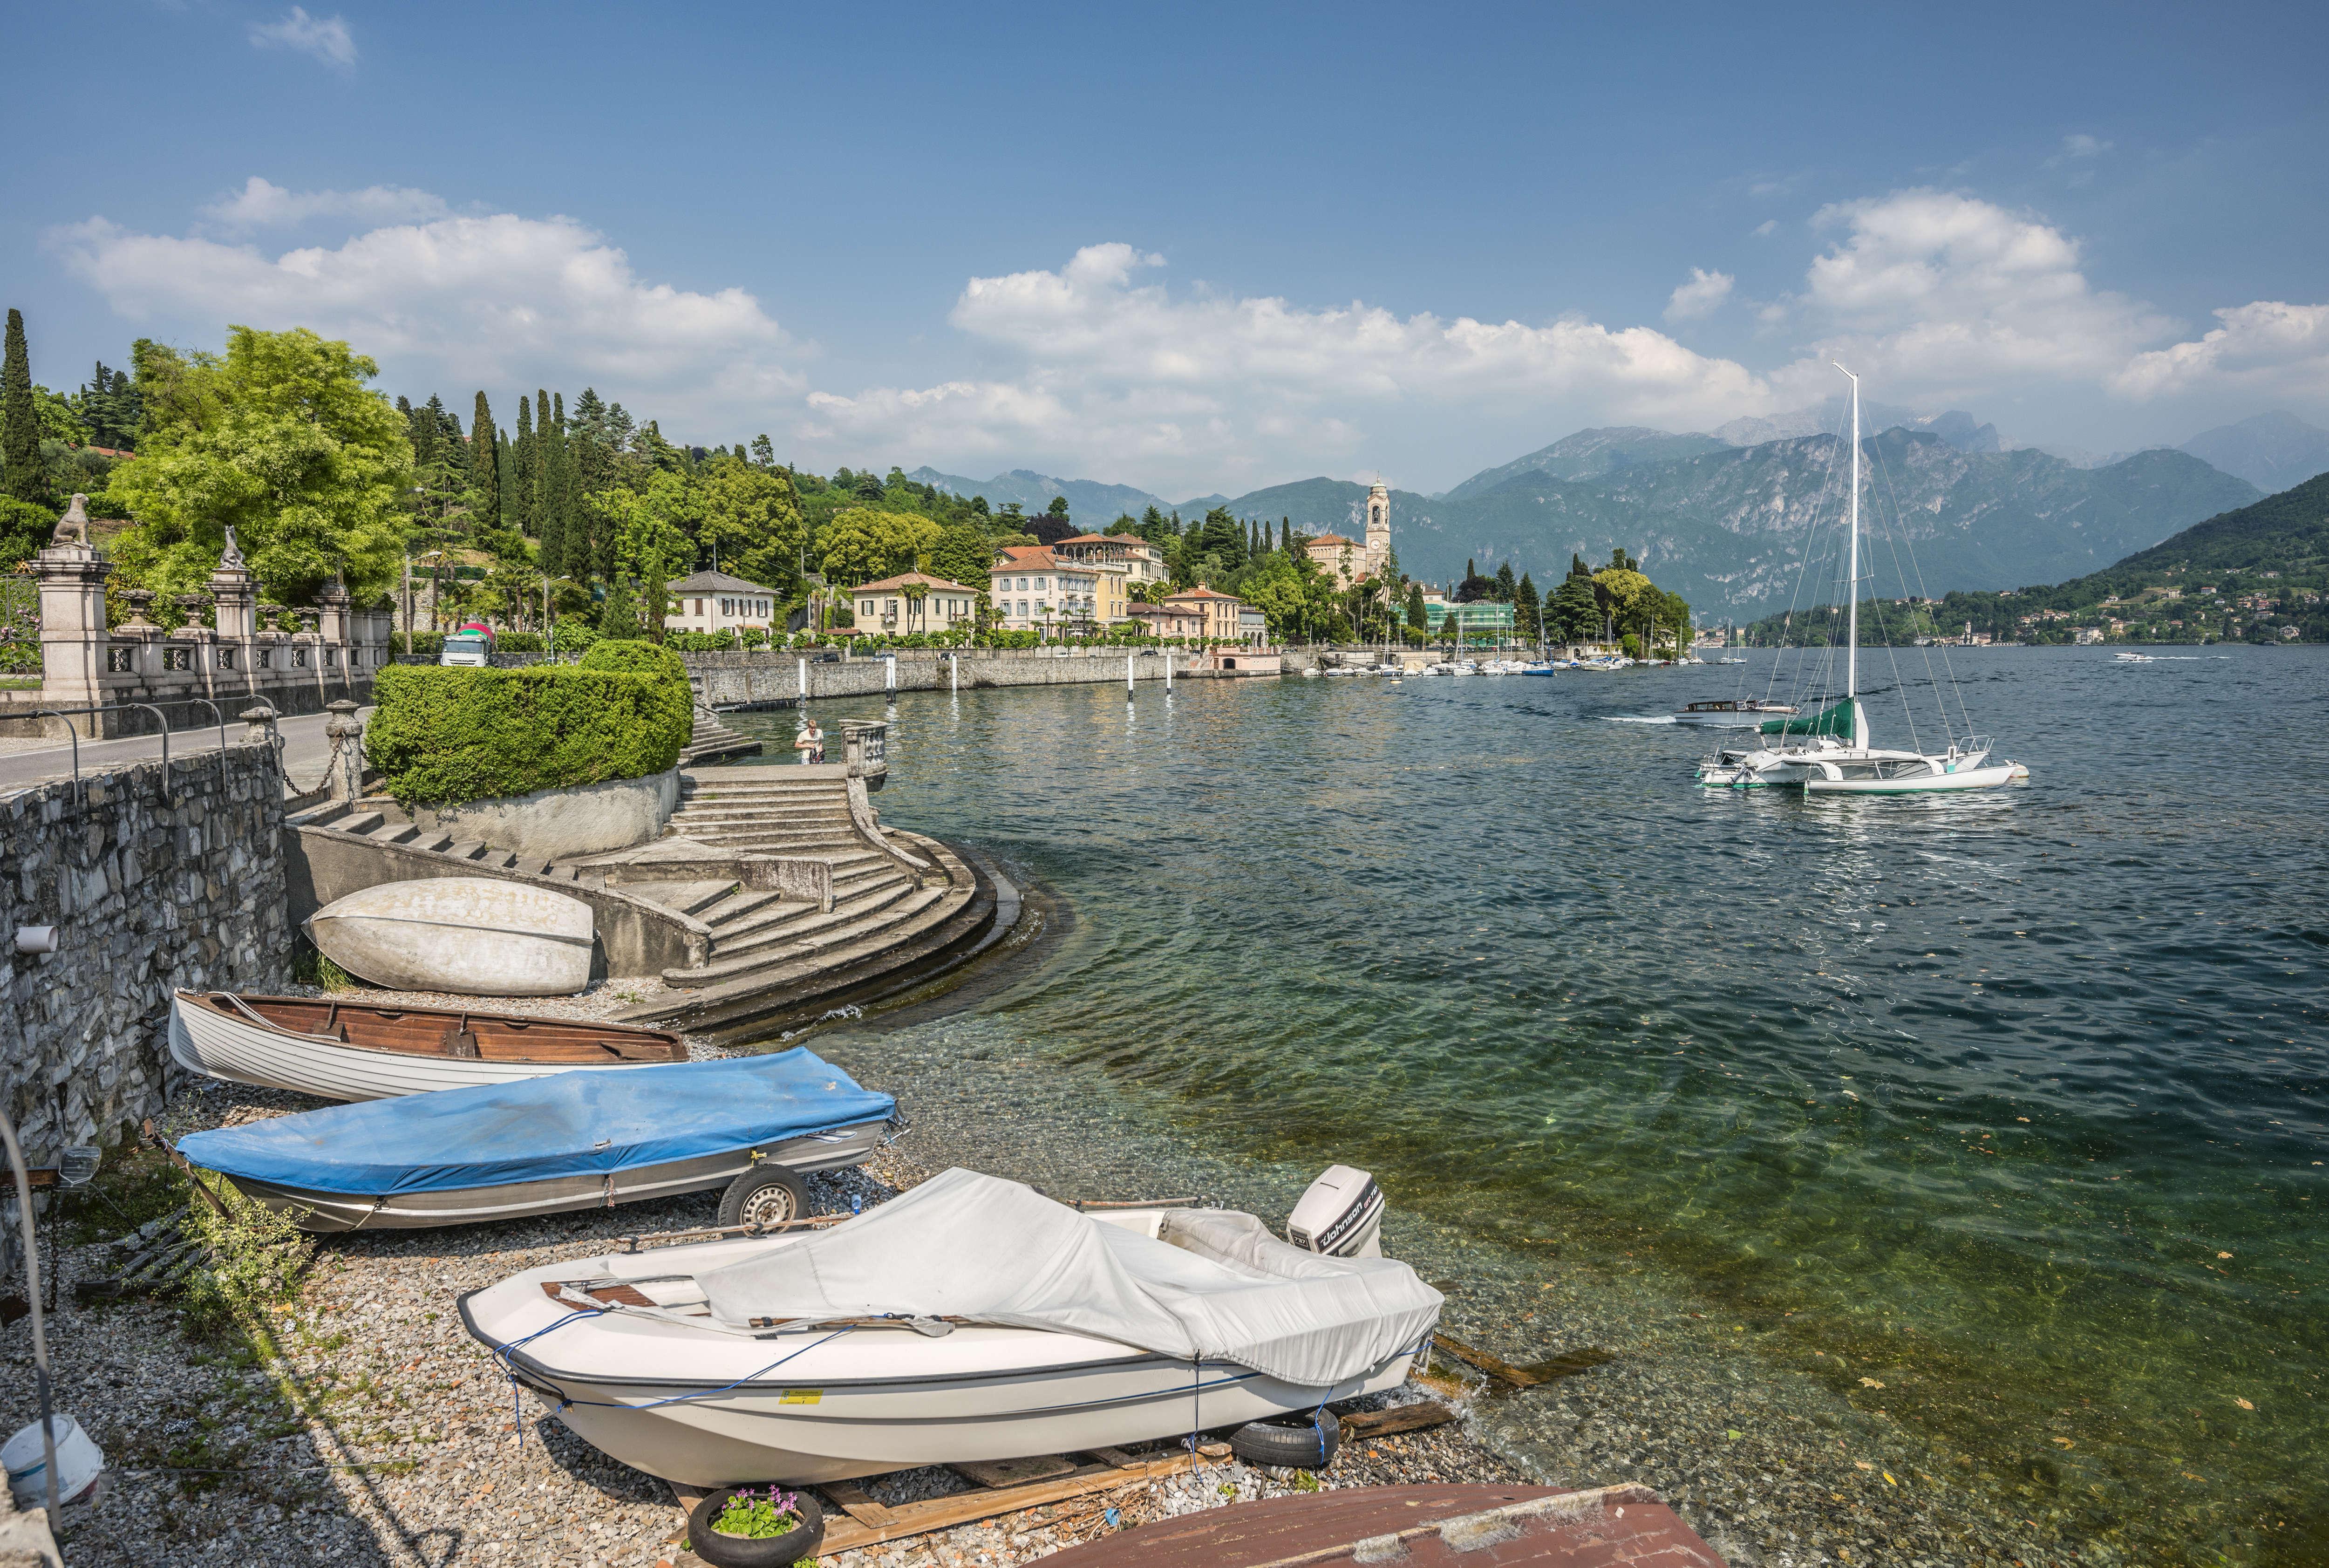 View at the waterfront of Lenno at Lake Como.